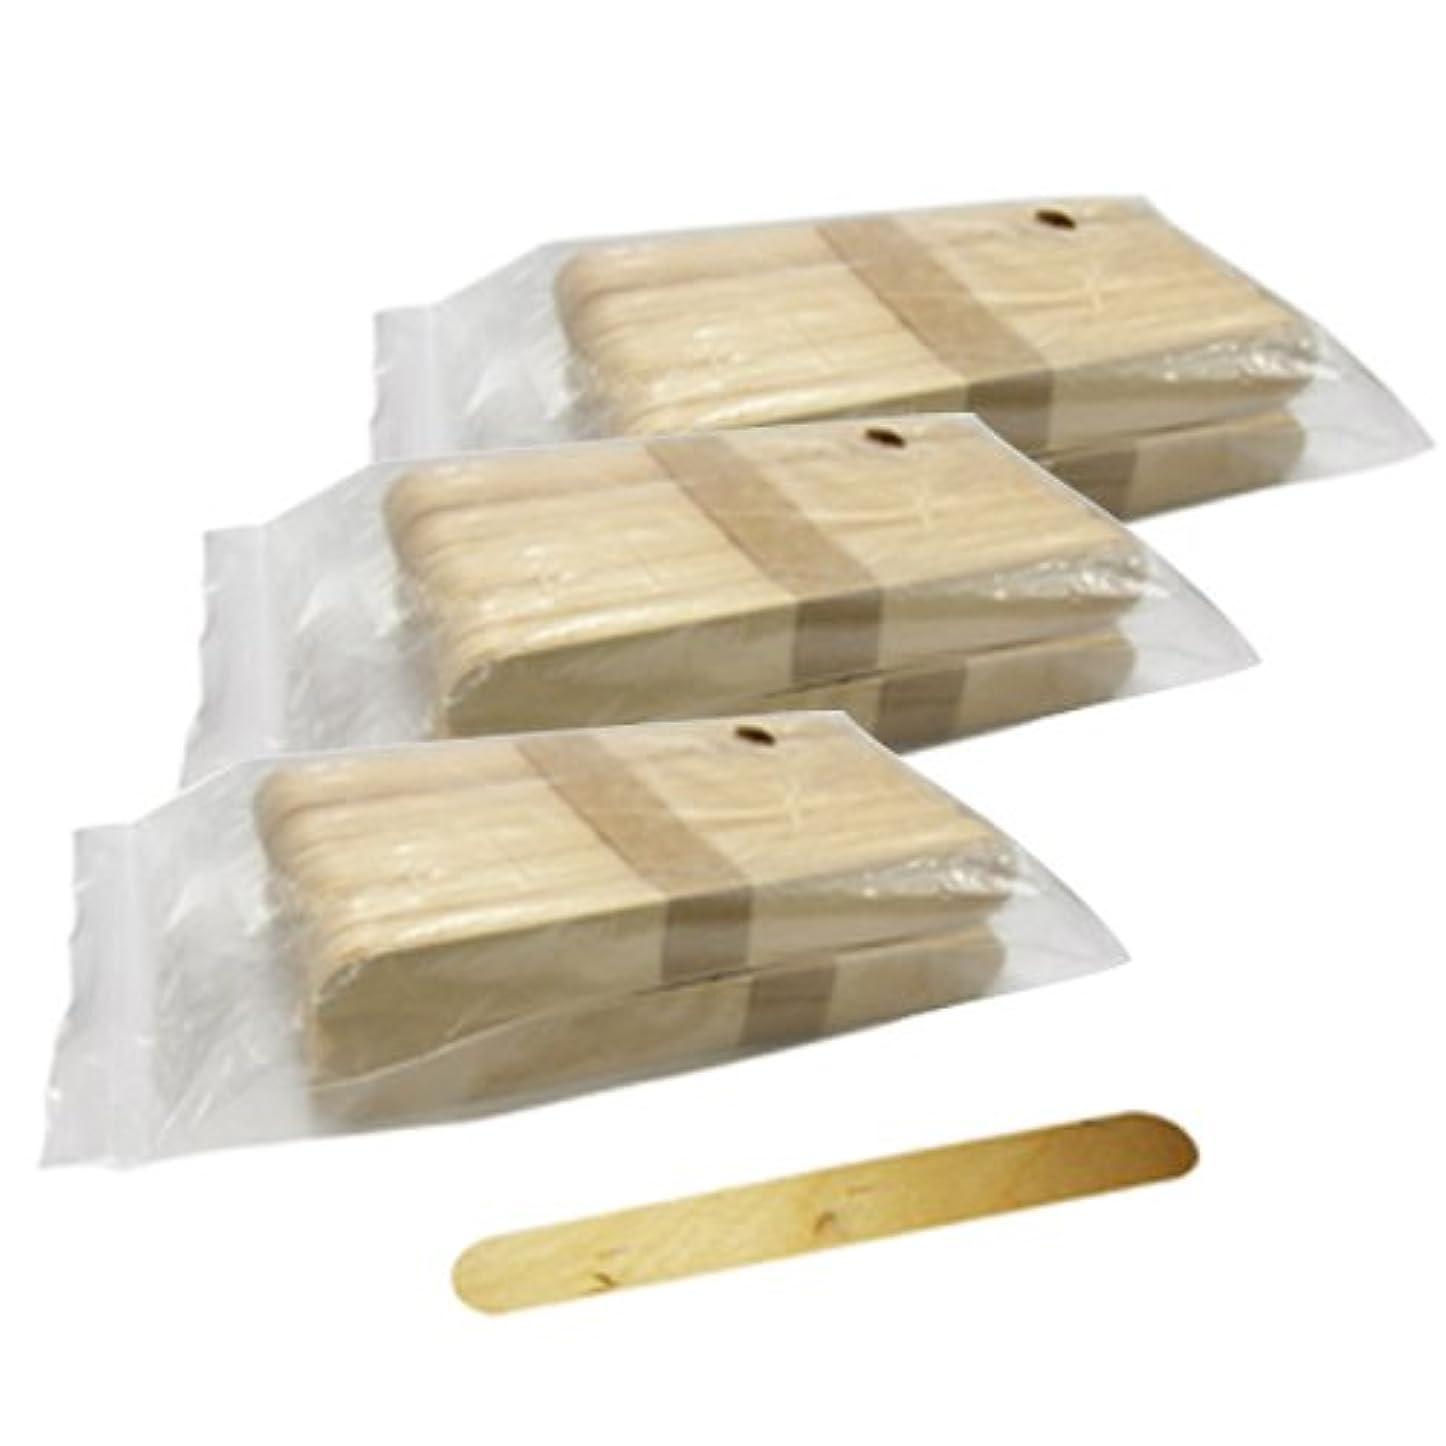 直立抑制かわす使い捨て【木ベラ/ウッドスパチュラ】(業務用100枚入り) × 3袋セット(計300枚)/WAX脱毛等や舌厚子にも …